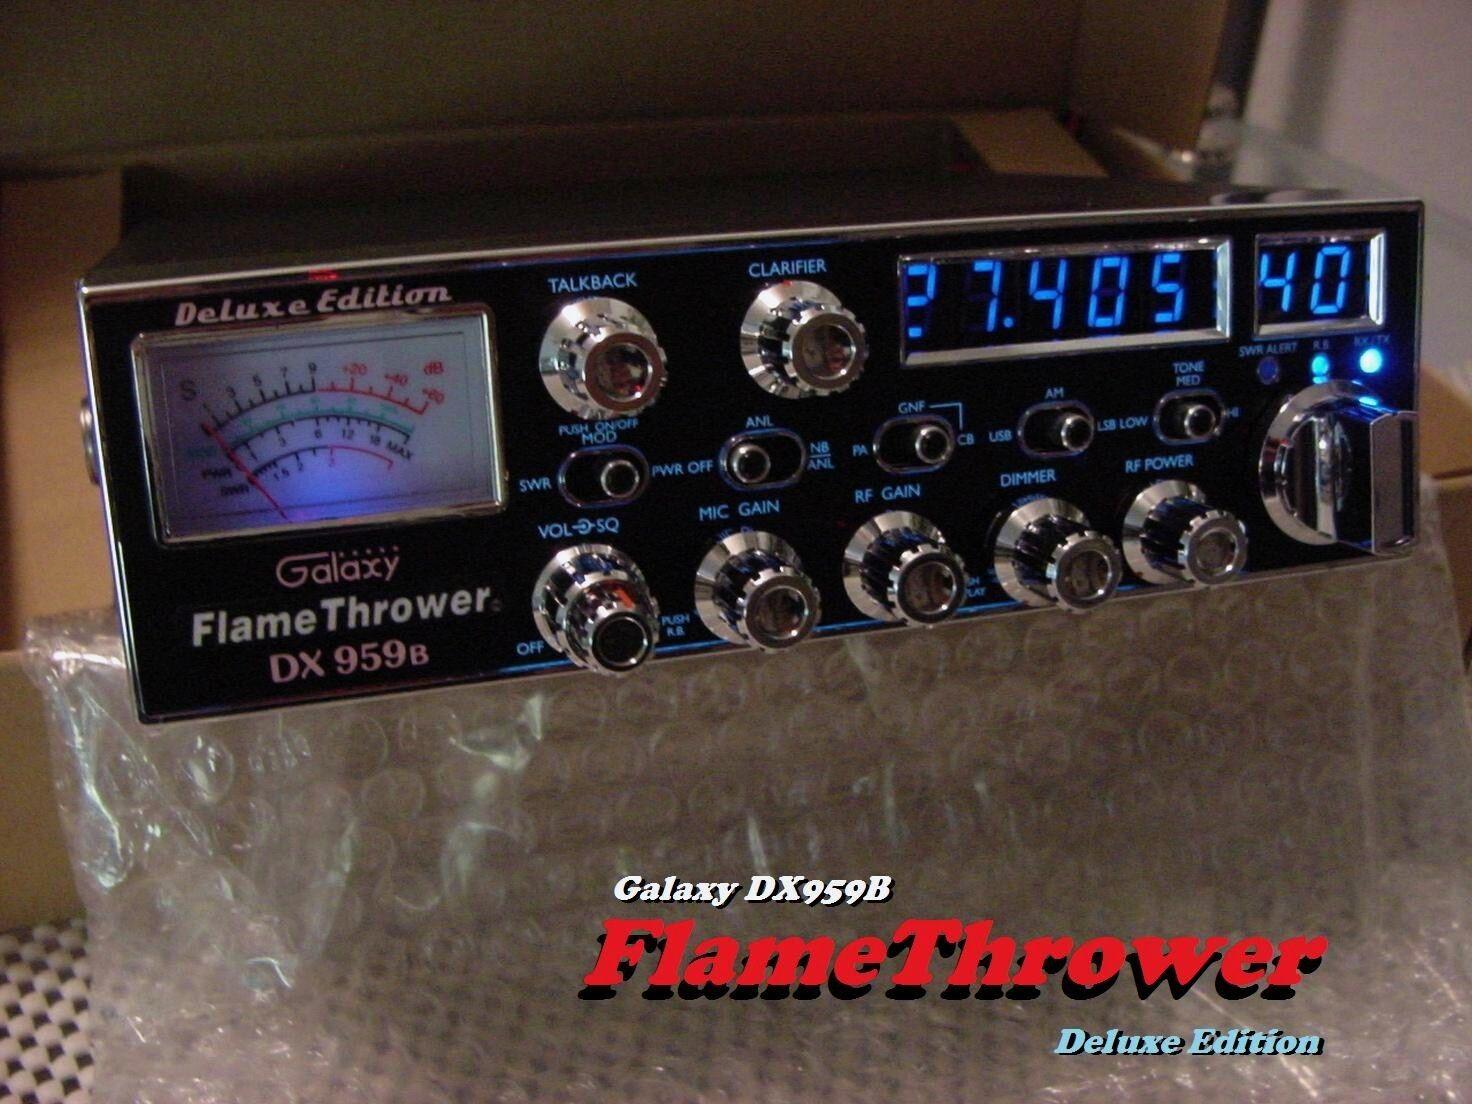 bri2294 Galaxy DX959B FLAMETHROWER Edition BLUE High Performance SSB/AM CB RADIO